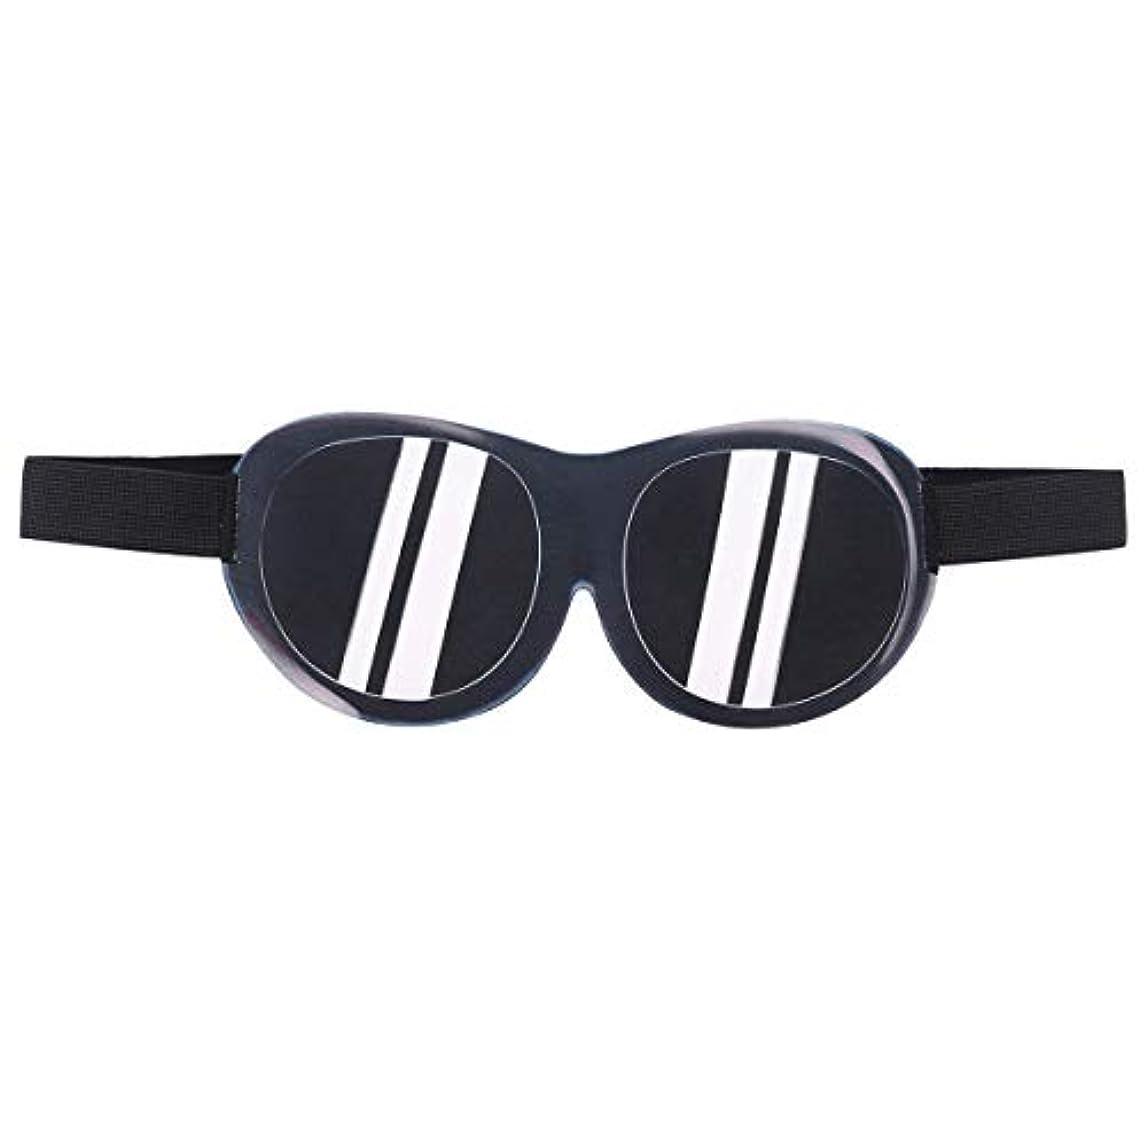 集中ペースト資格情報SUPVOX 面白いアイシェード3Dスリープマスクブラインドパッチアイマスク目隠し